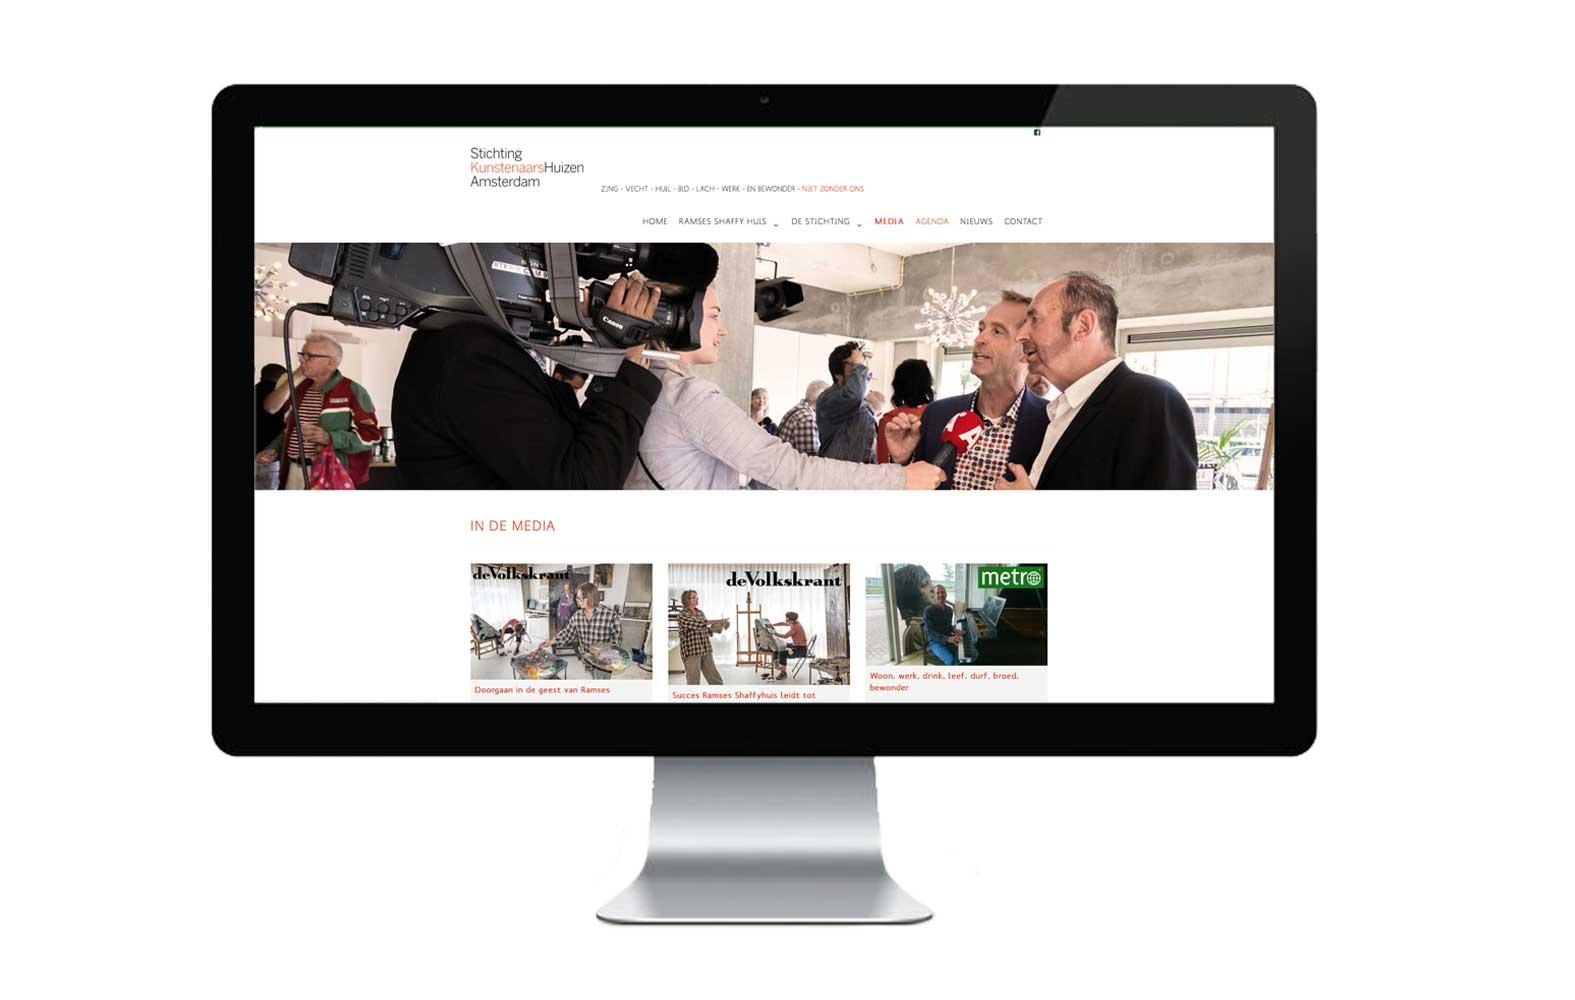 StudioErnst-KunstenaarshuizenAmsterdam-media-website